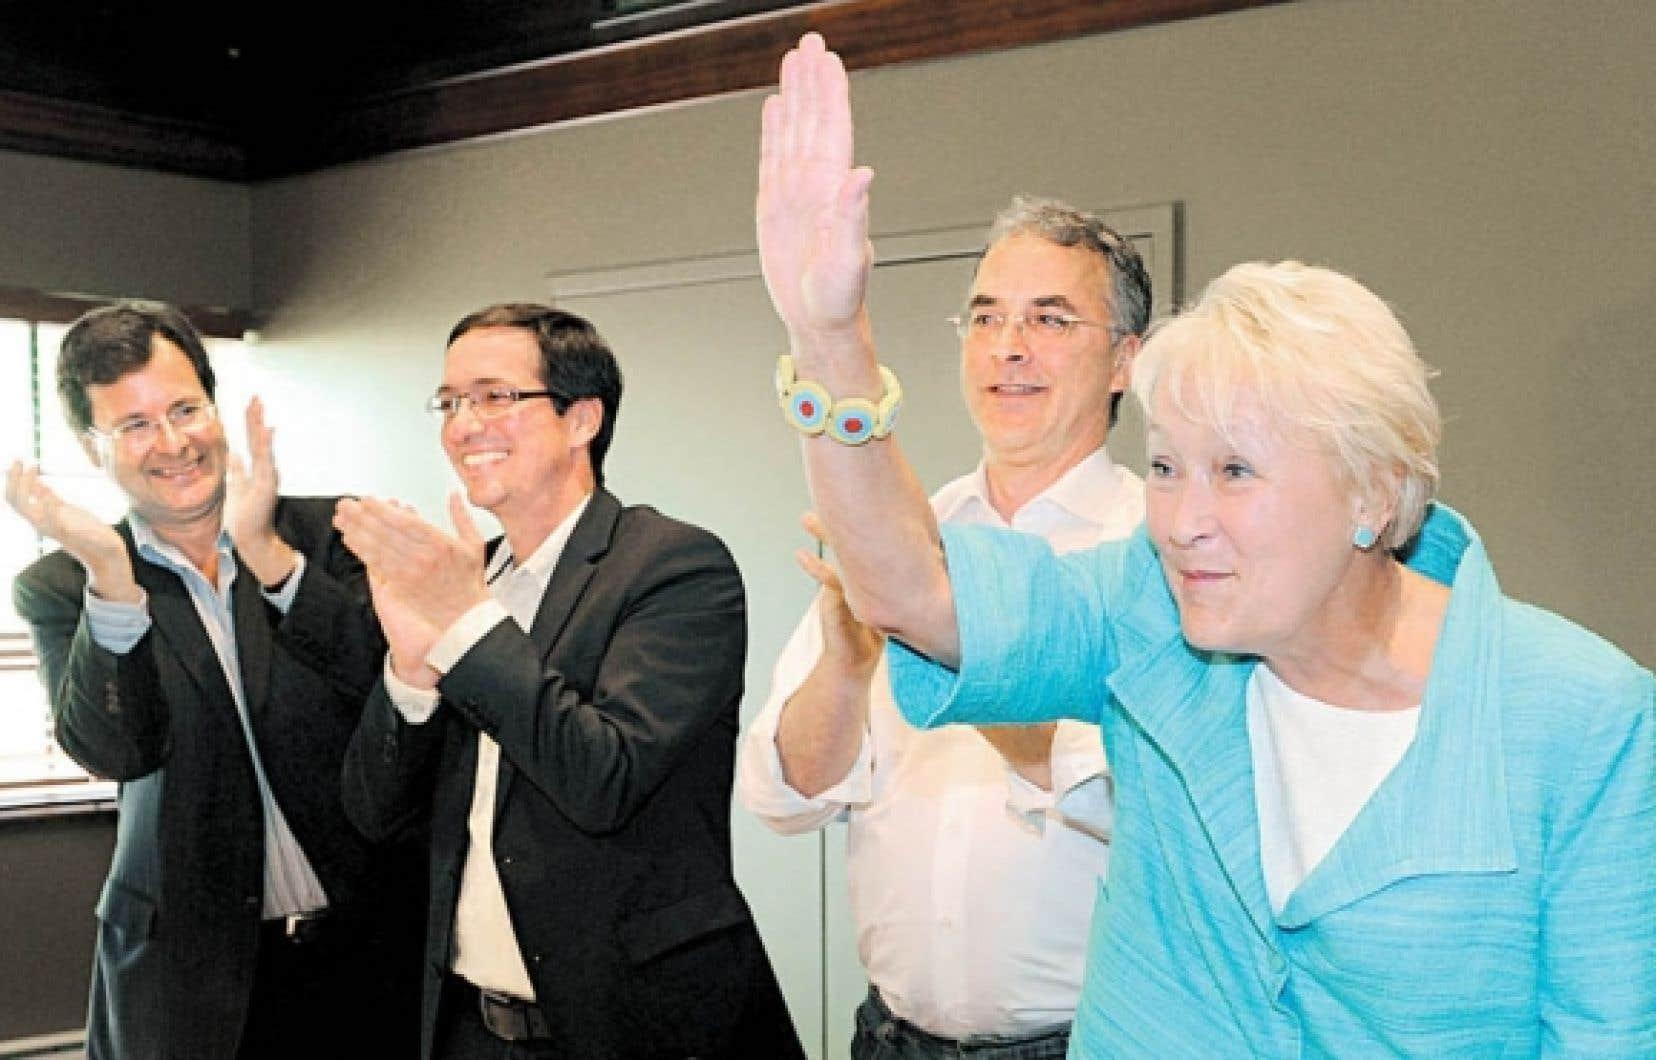 Les députés péquistes, dont Bertrand St-Arnaud, Stéphane Bédard et Martin Lemay, ont longuement applaudi leur chef avant la tenue du caucus.<br />